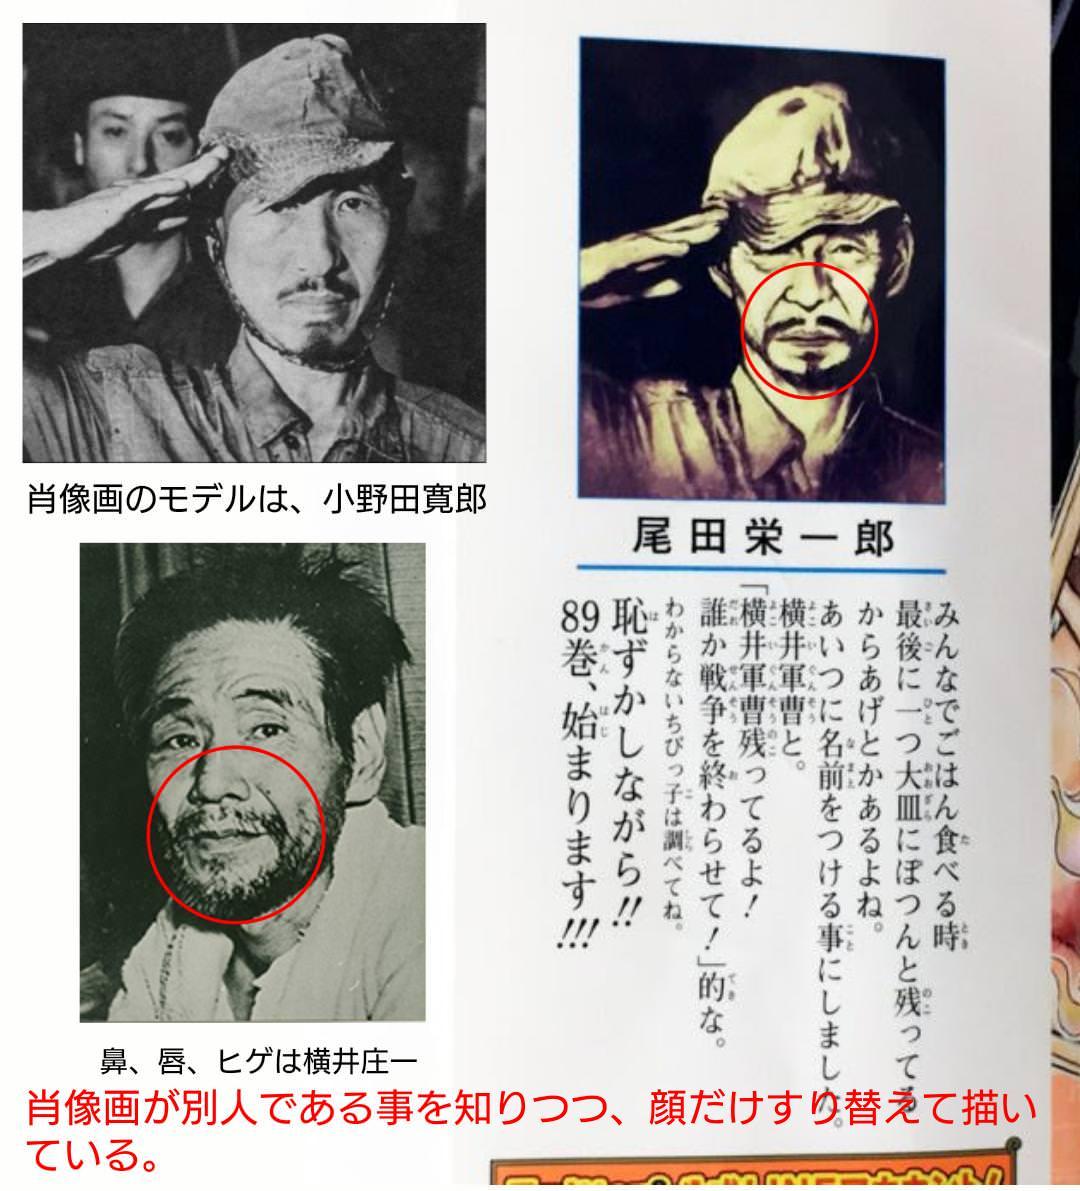 【尾田栄一郎】漫画「ONE PIECE」元日本兵横井庄一さんを揶揄【集英社】の画像3-2